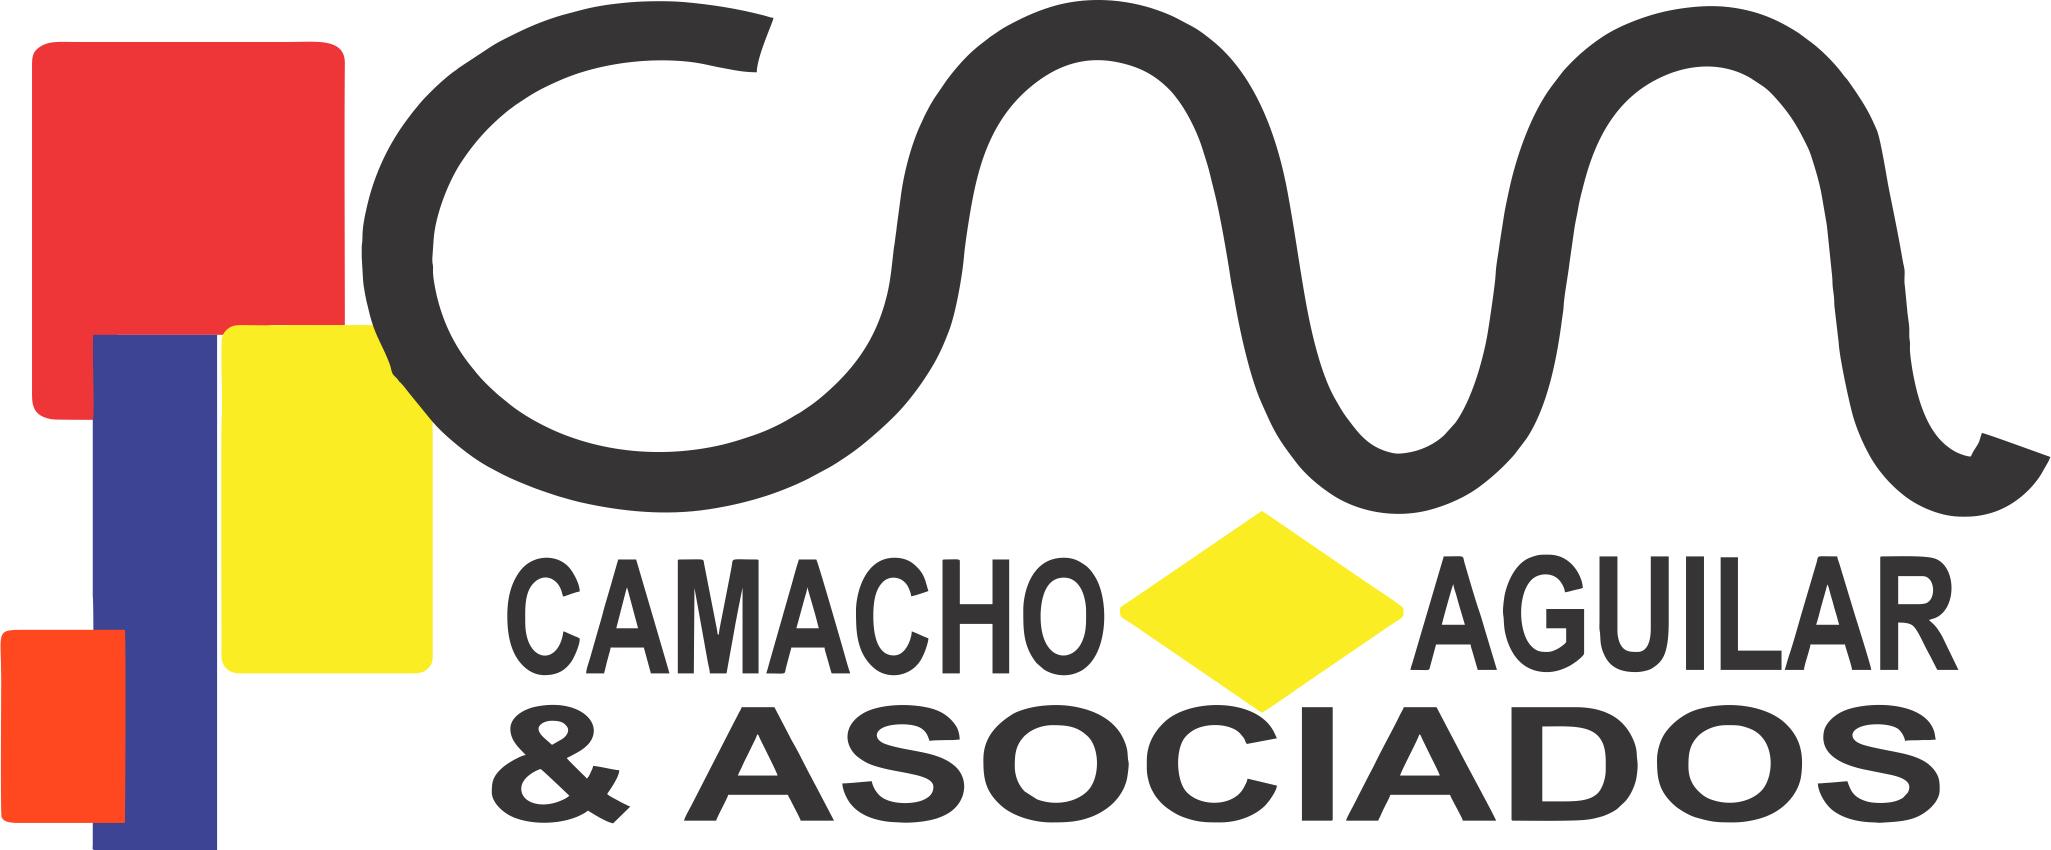 CAMACHO AGUILAR & ASOCIADOS